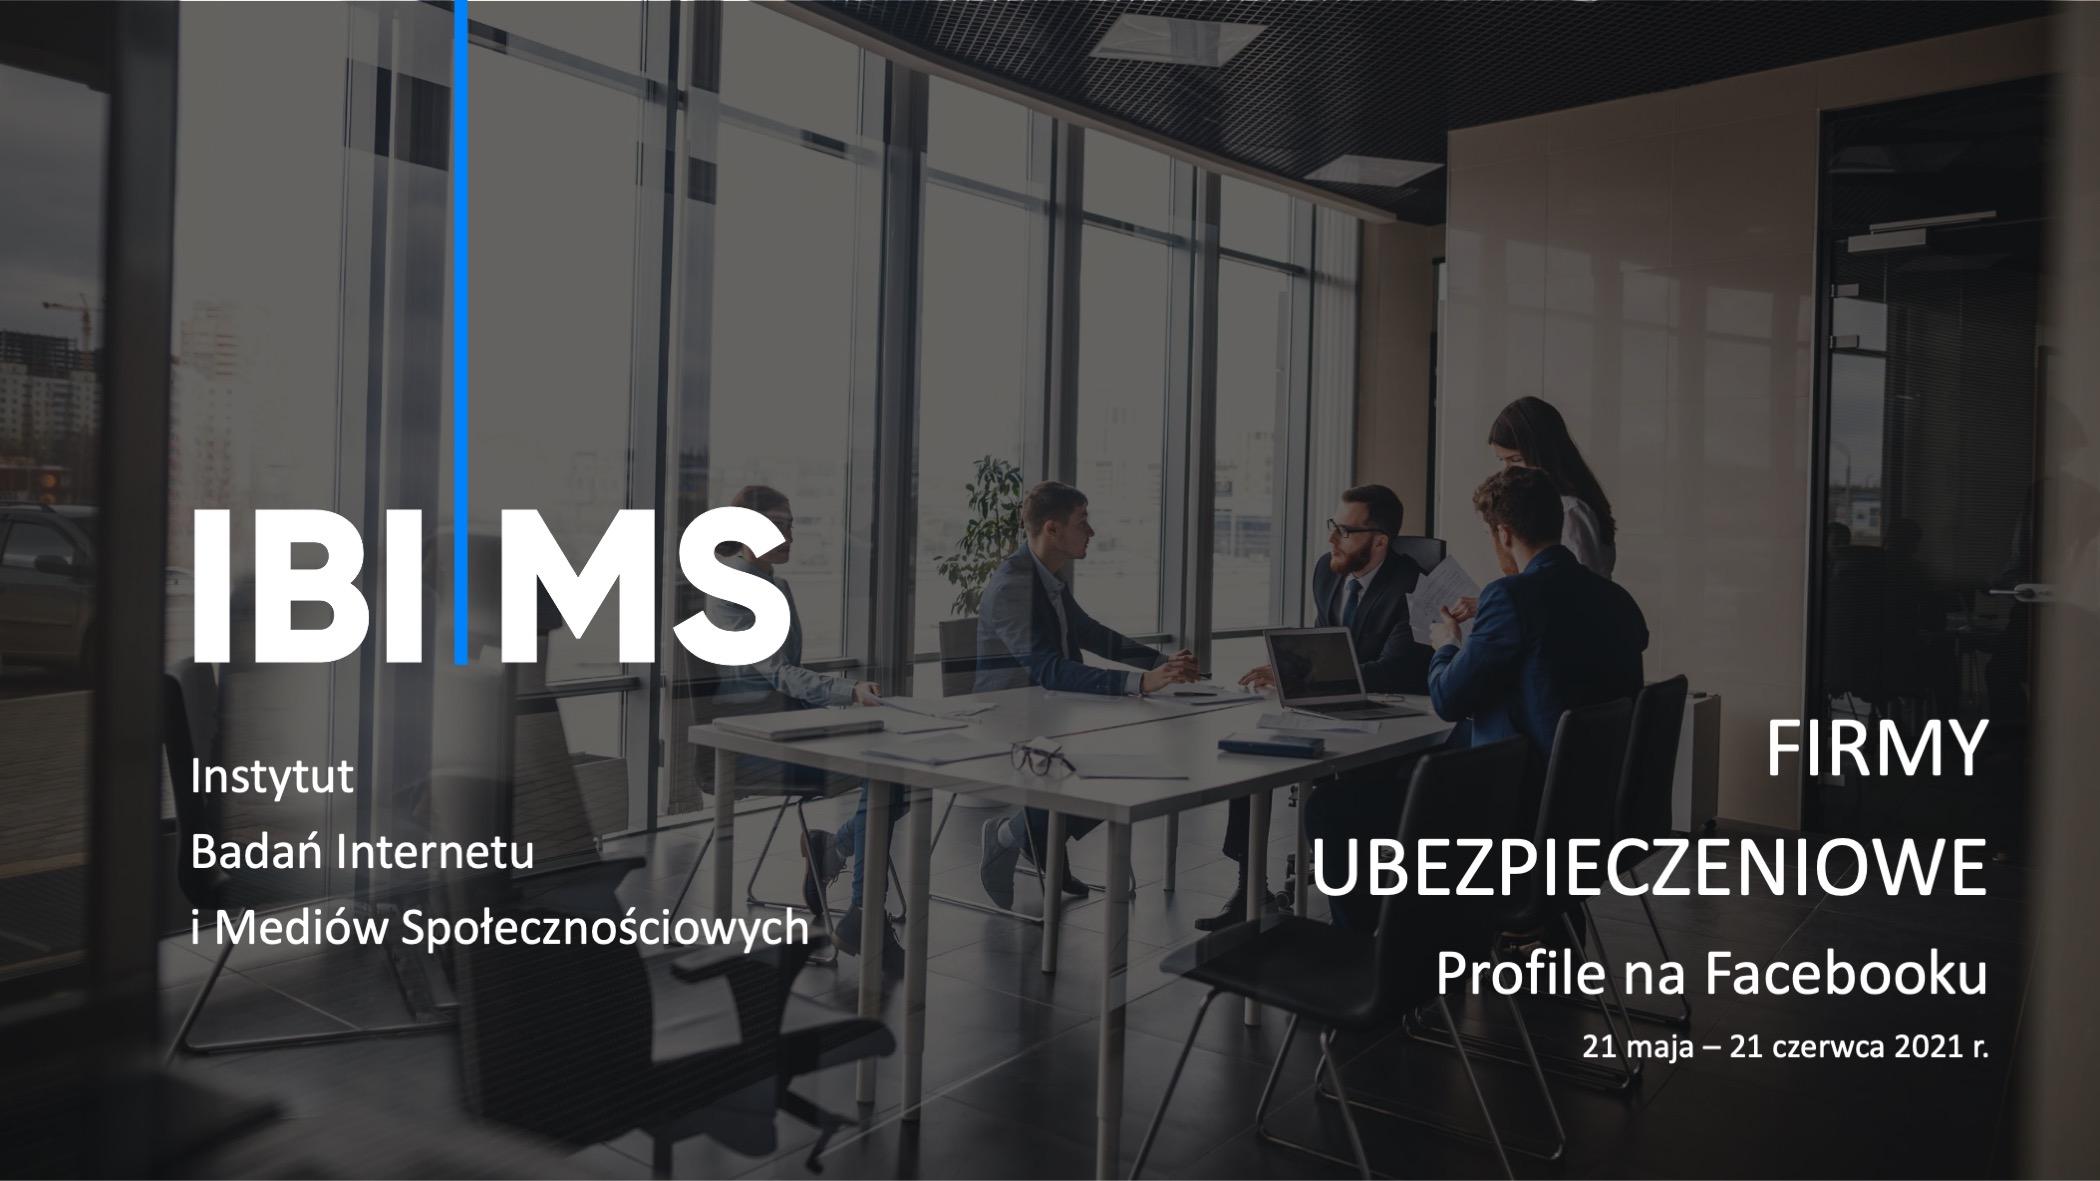 Marki ubezpieczeniowe na Facebooku – raport IBIMS maj-czerwiec 2021